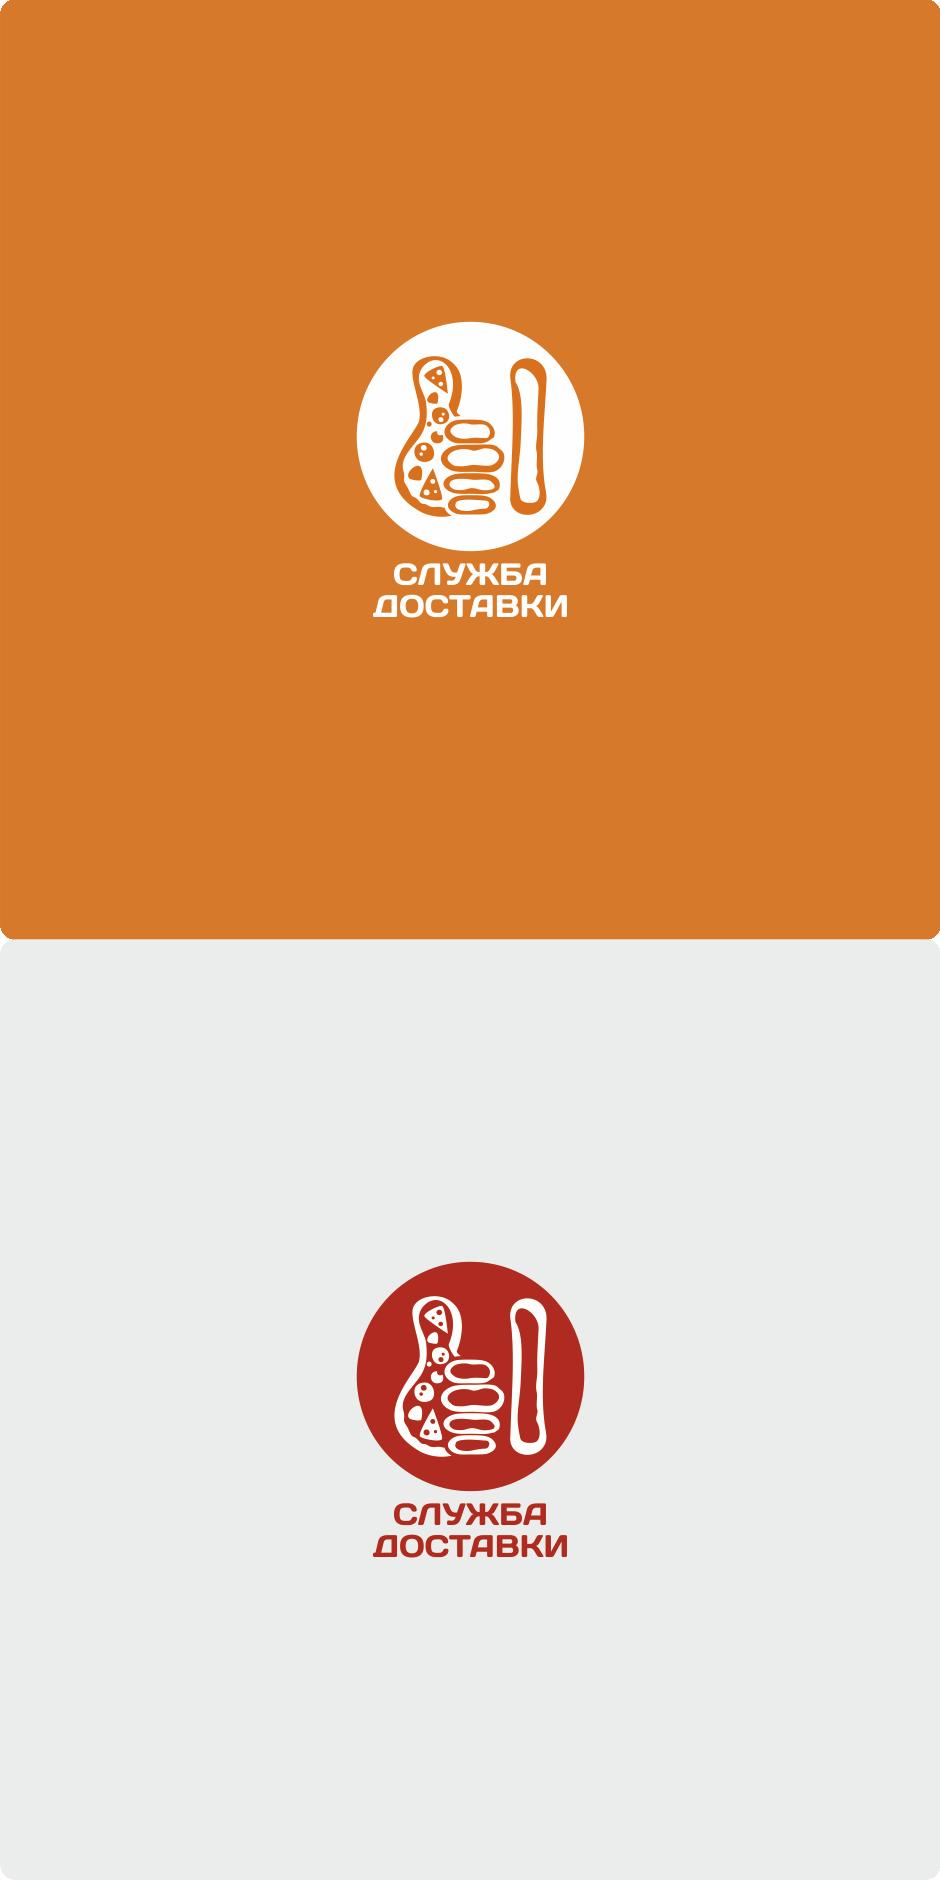 Разыскивается дизайнер для разработки лого службы доставки фото f_0875c3a01b21942f.png